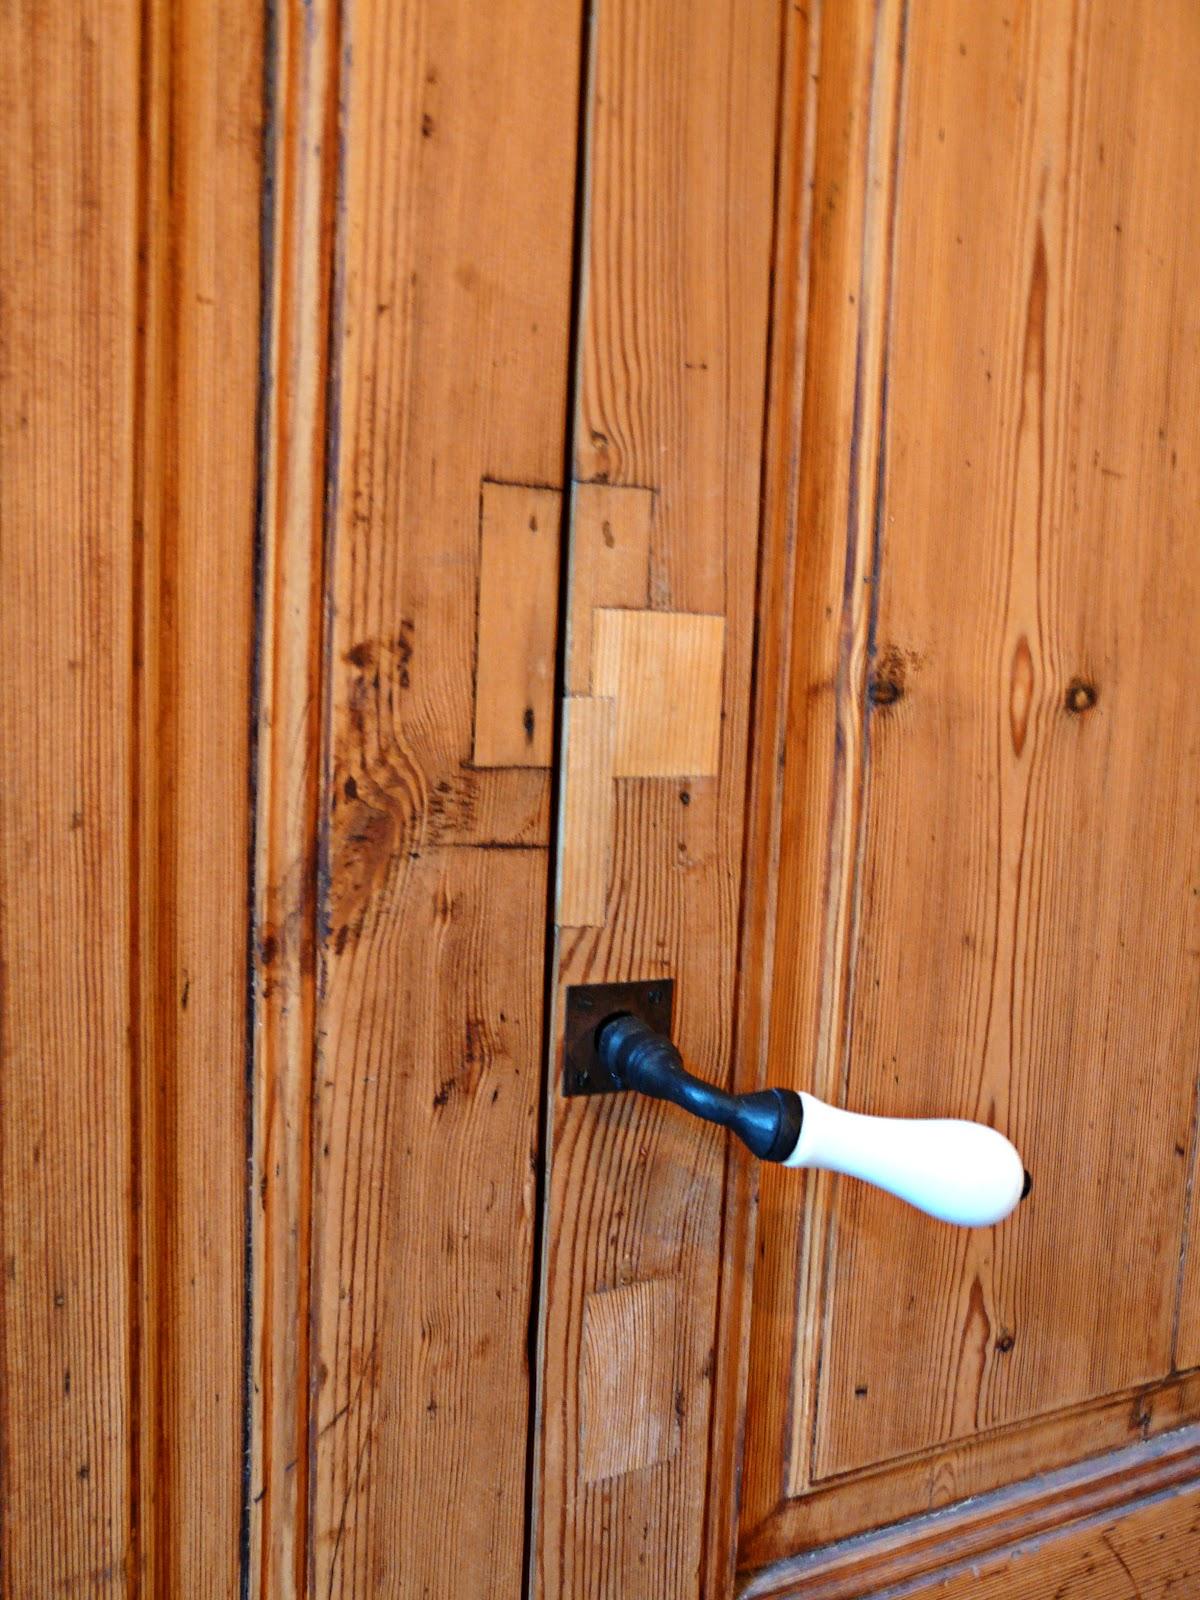 Como decapar madera mucha tela for Decapante para madera